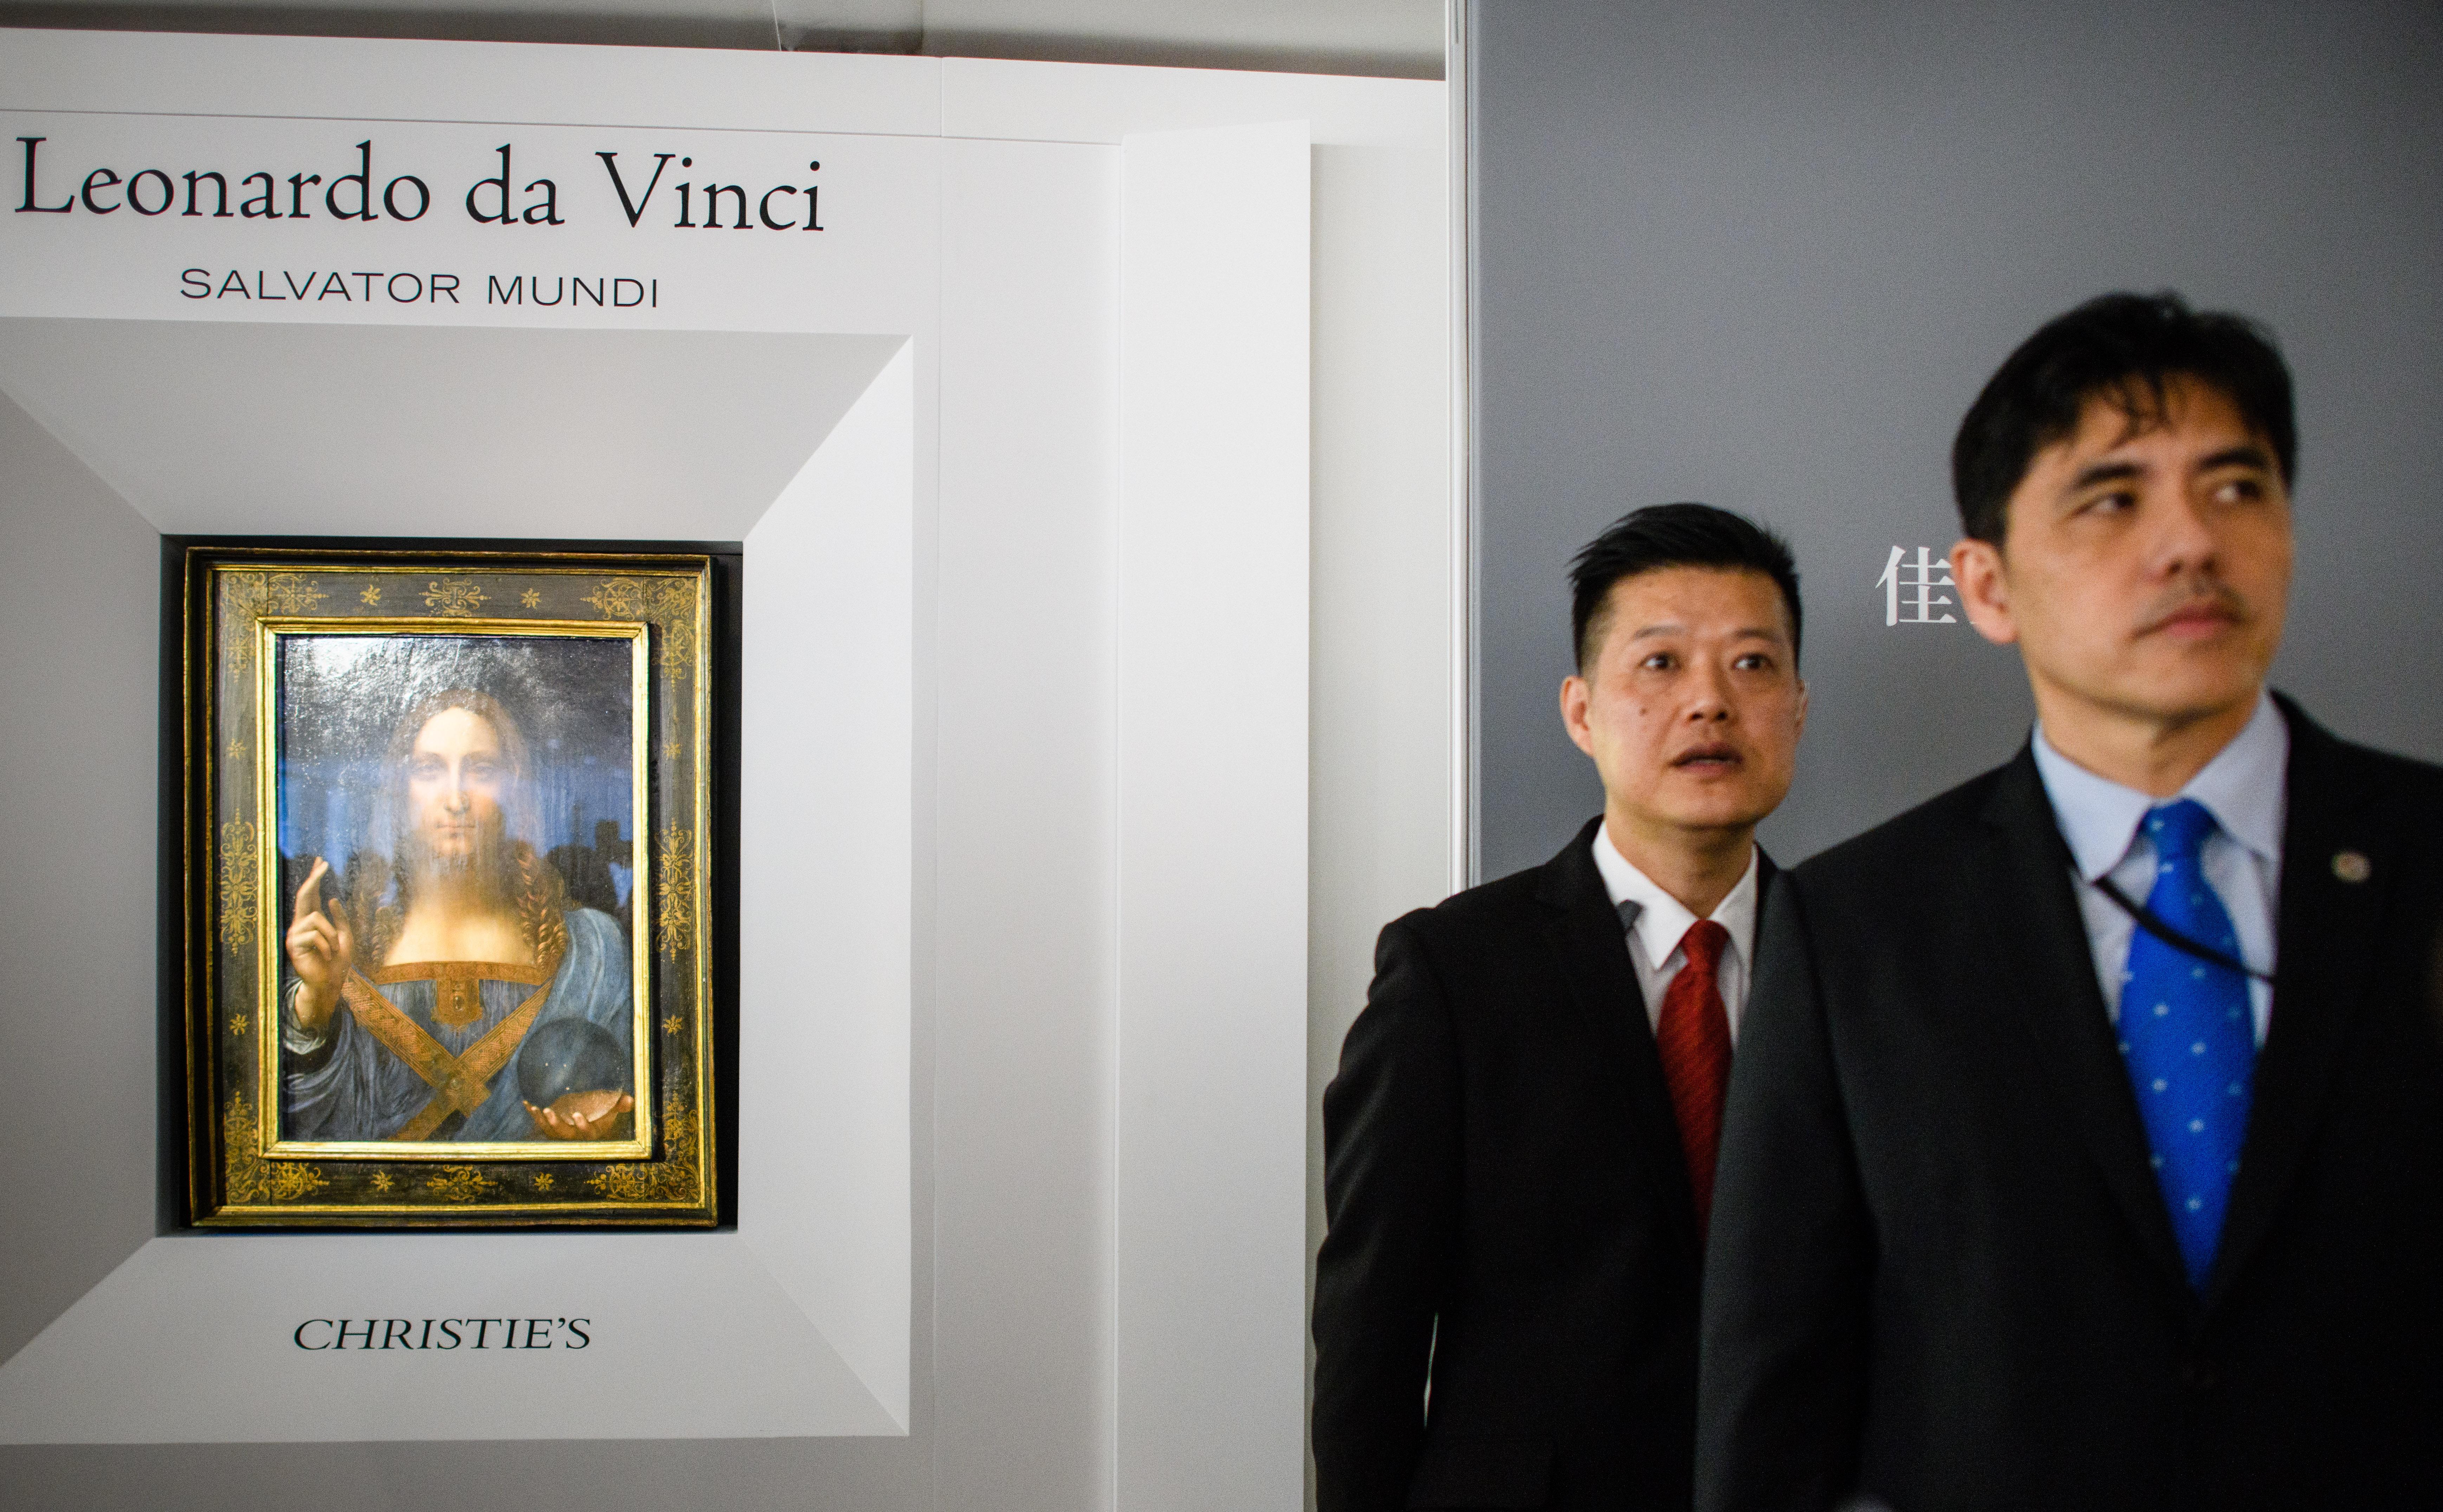 Rendszeresen találkozott kínai ügynökökkel a héten letartóztatott amerikai exkém